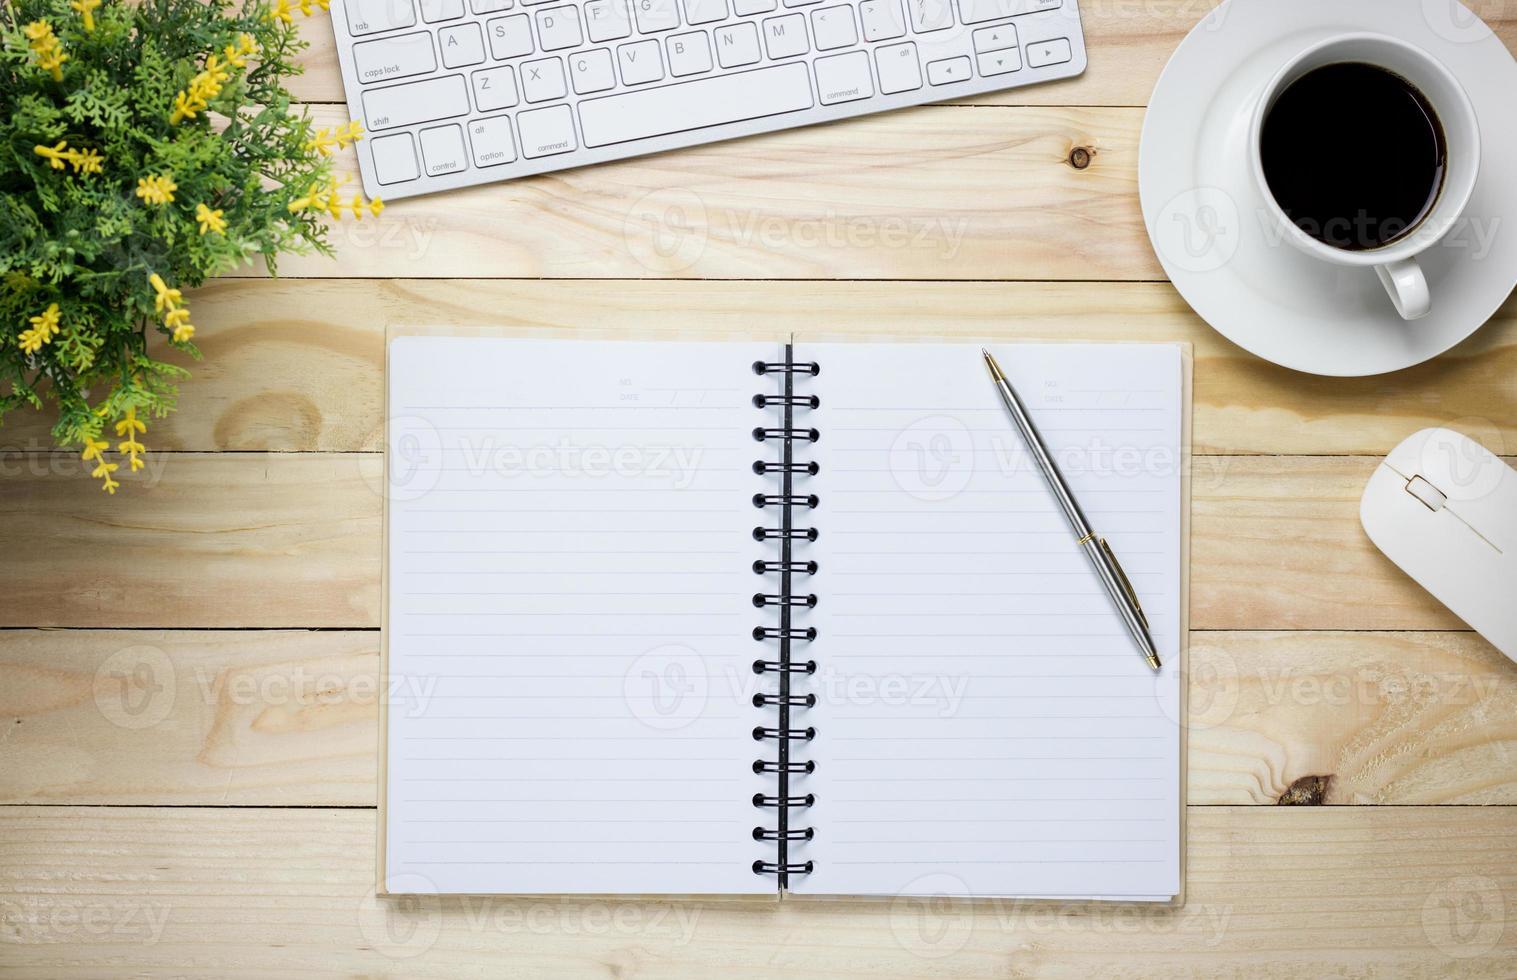 Öffnen Sie das Notizbuch auf einem Schreibtisch foto